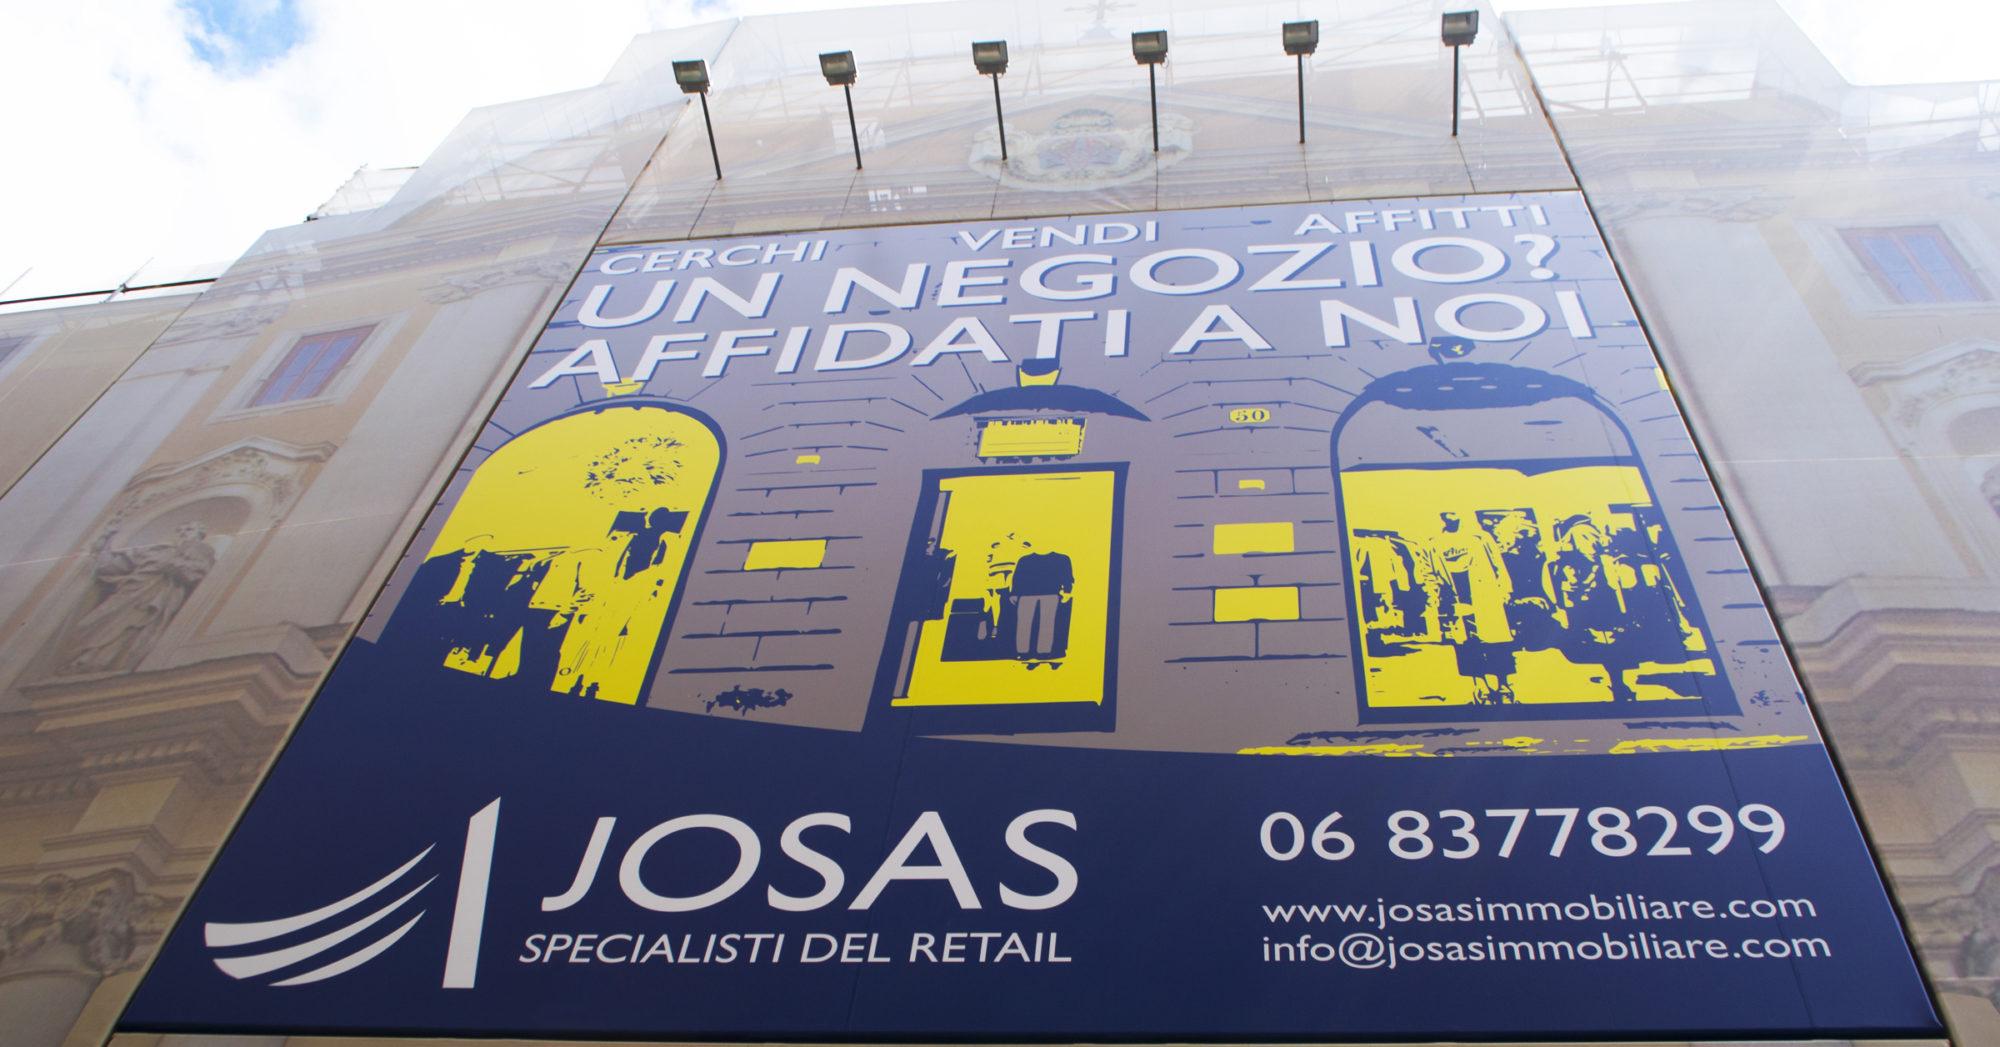 Campagna pubblicitaria Josas maxi affissione Via dei Condotti